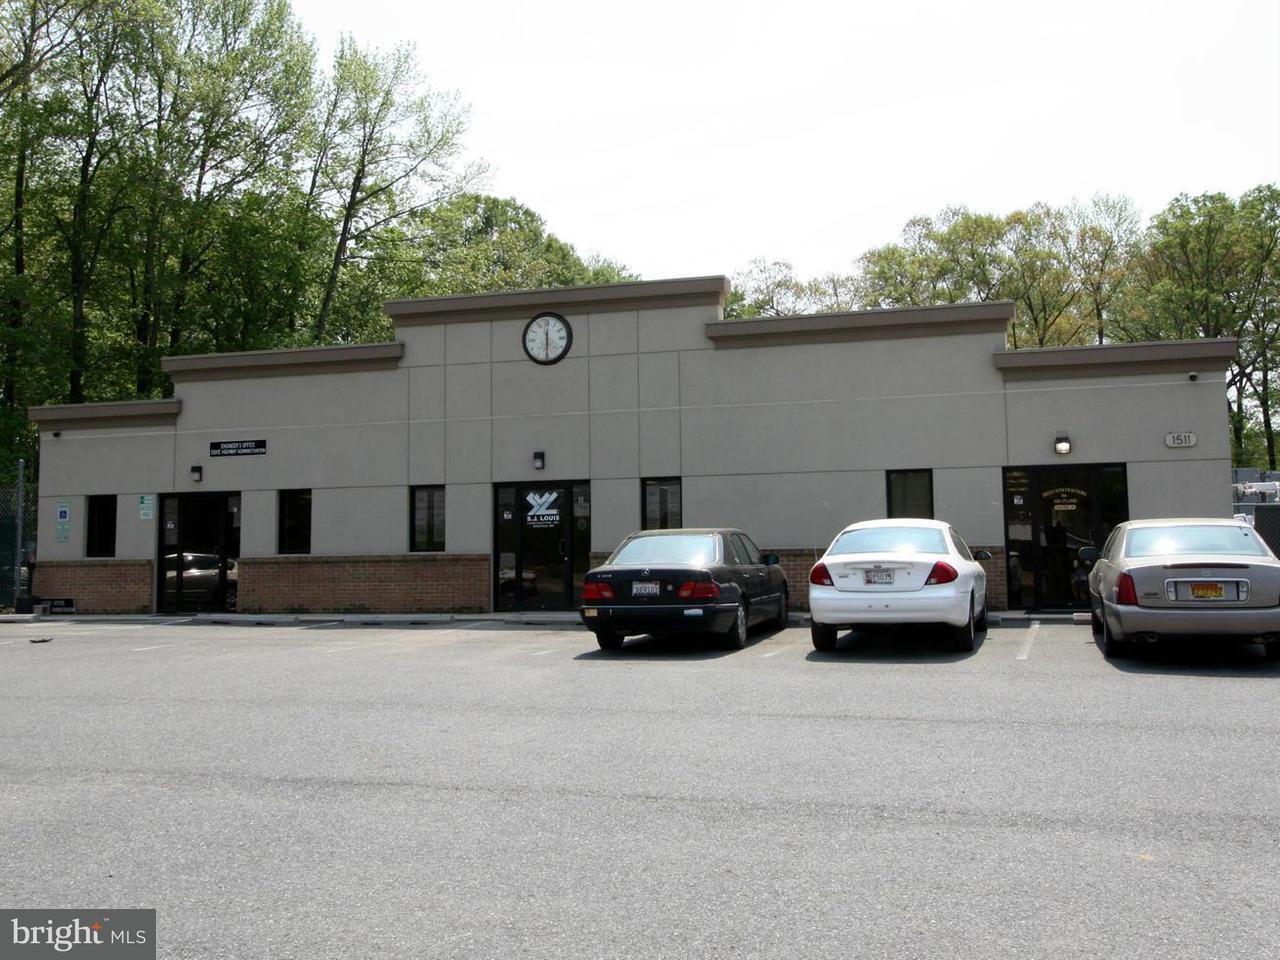 komerziell für Verkauf beim 1511 Philadelphia Blvd 1511 Philadelphia Blvd Aberdeen, Maryland 21001 Vereinigte Staaten